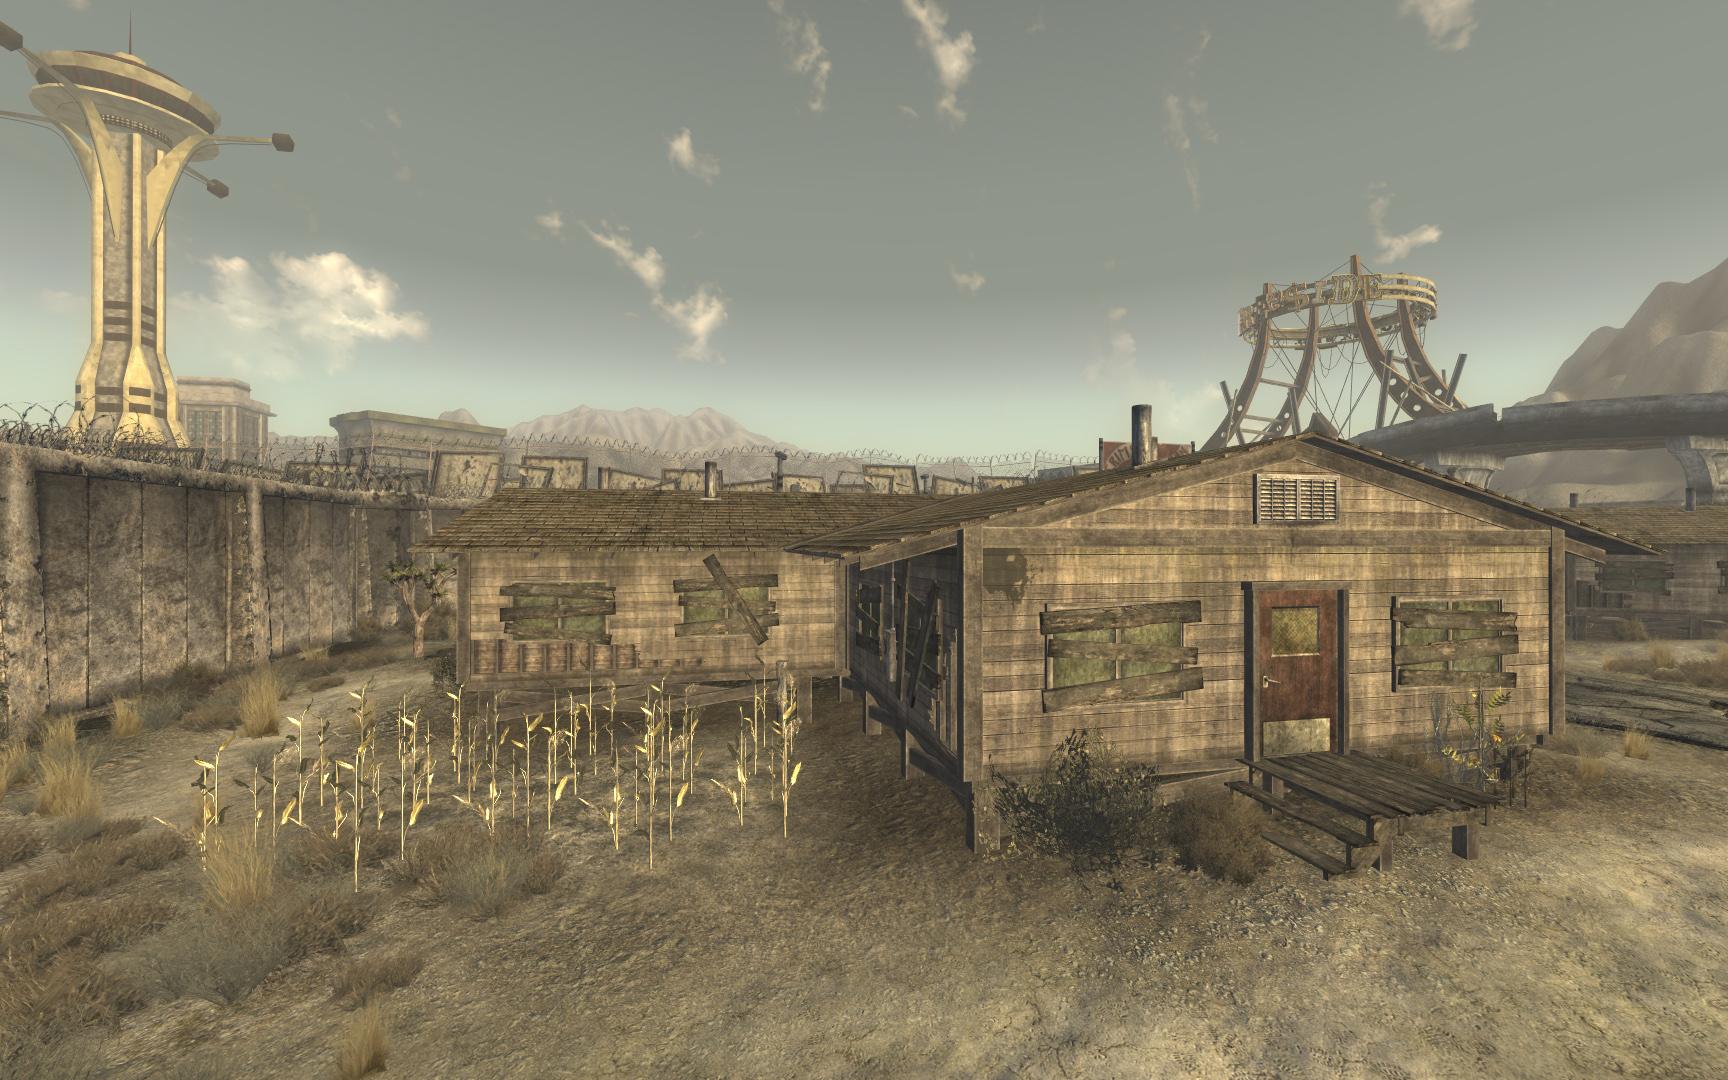 Caravaneer barracks